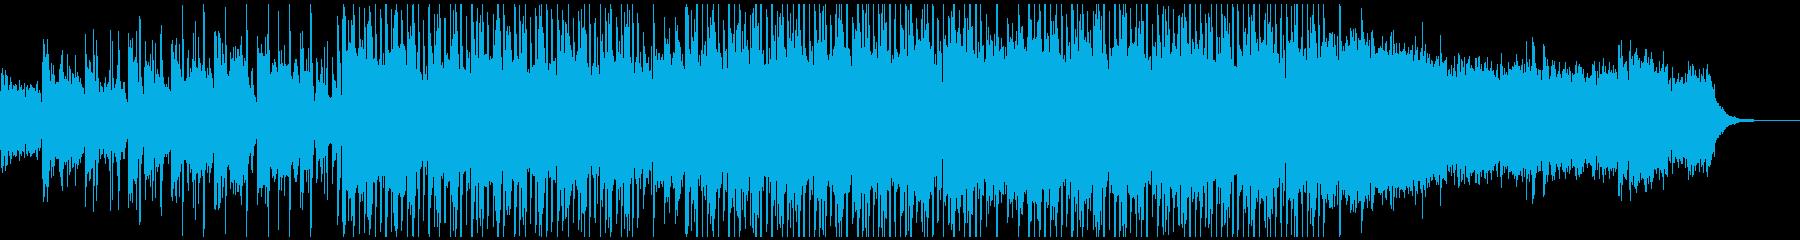 落ち着いた、トロピカルなヒップホップの再生済みの波形